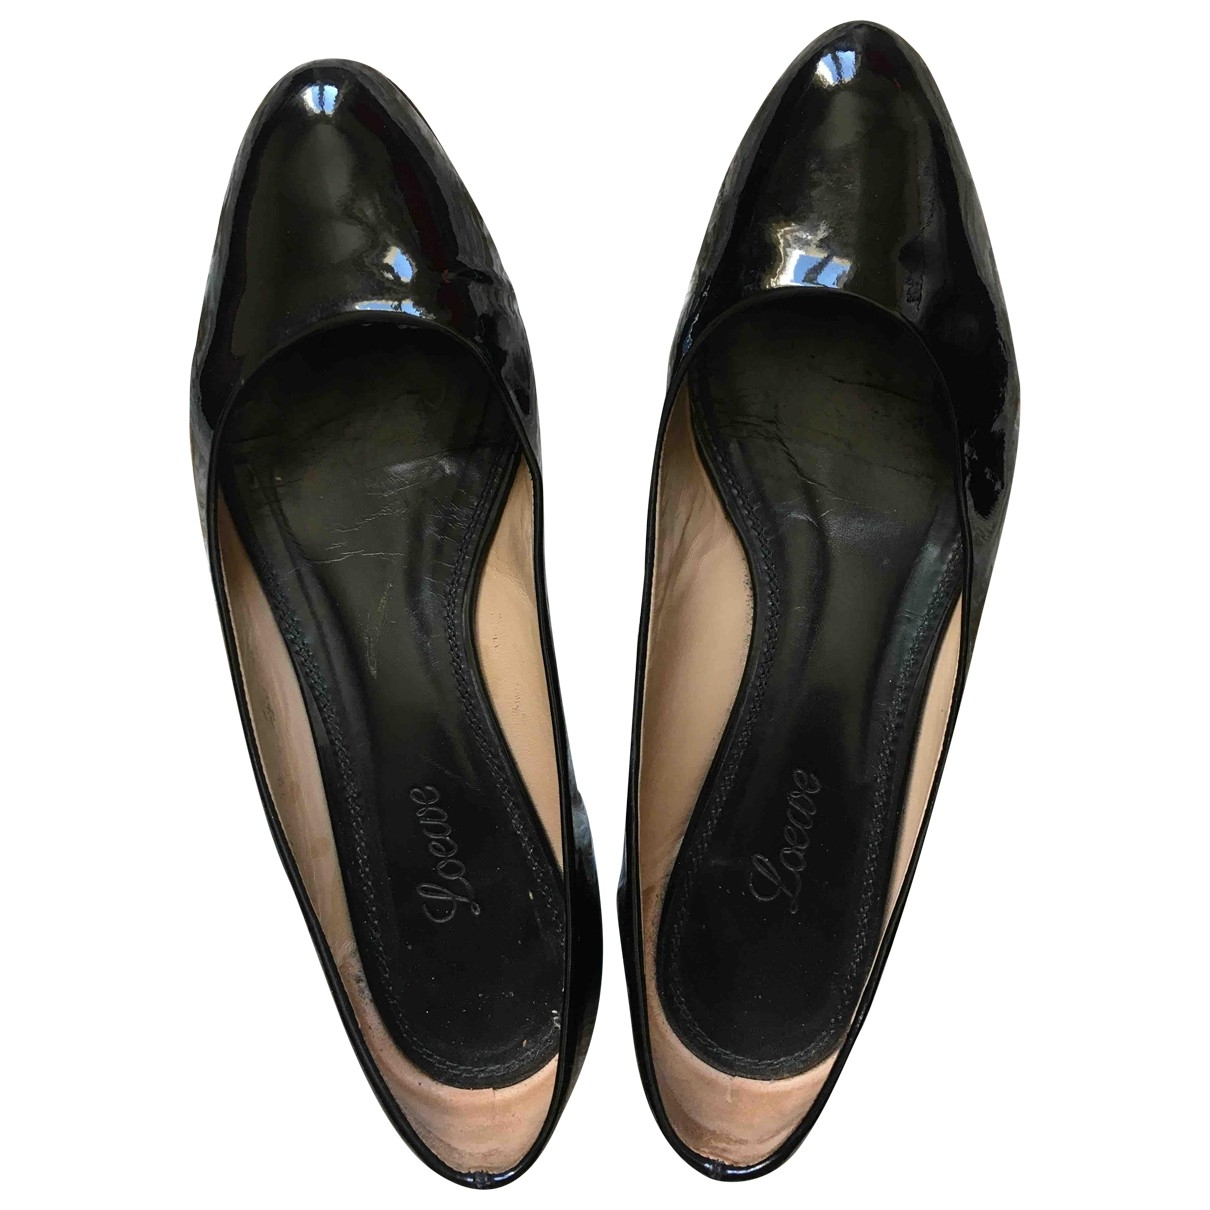 Loewe - Ballerines   pour femme en cuir verni - noir